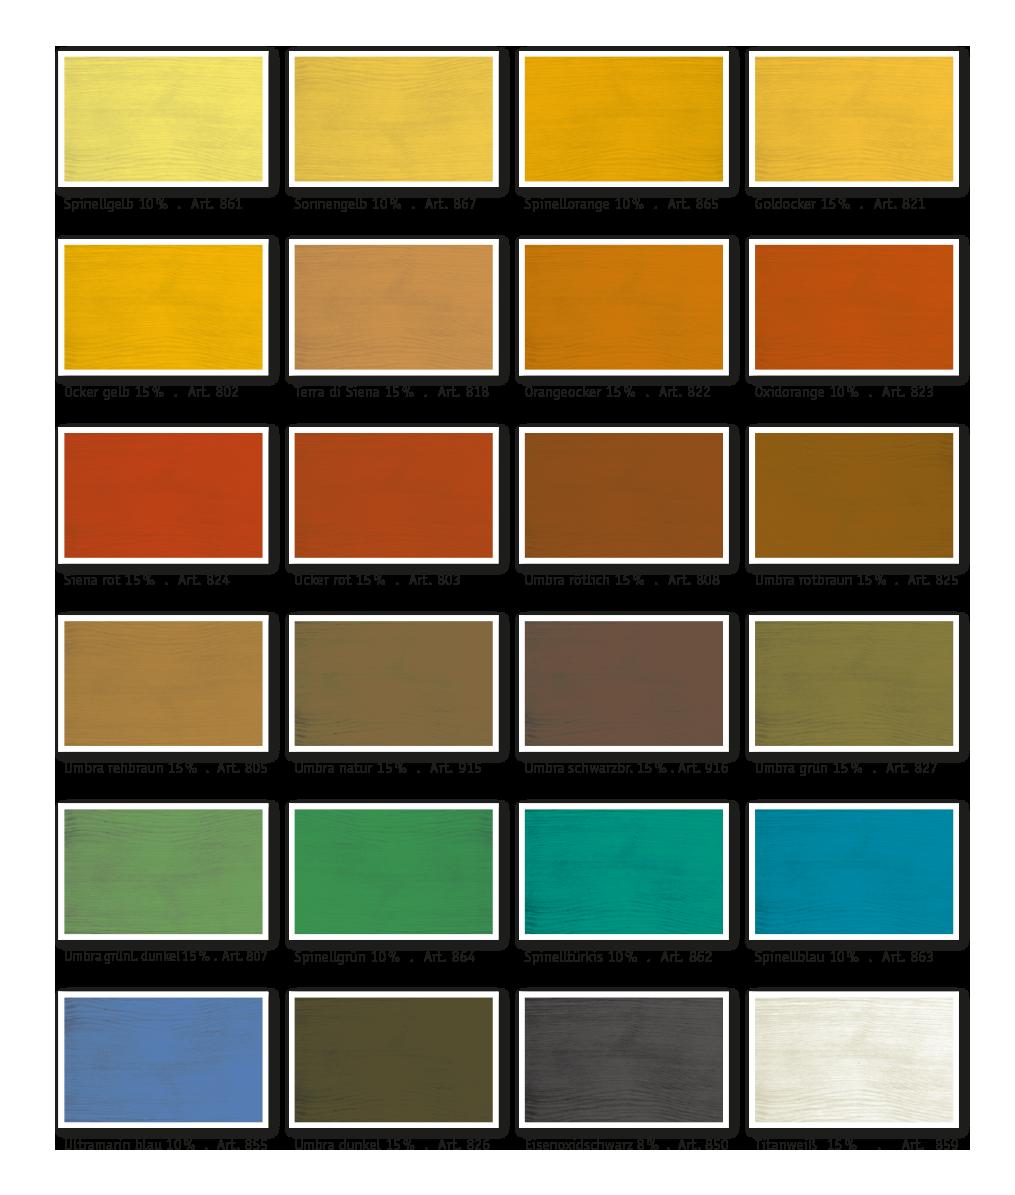 kreidezeit-naturfarben-farbkarte-pigmente-oel